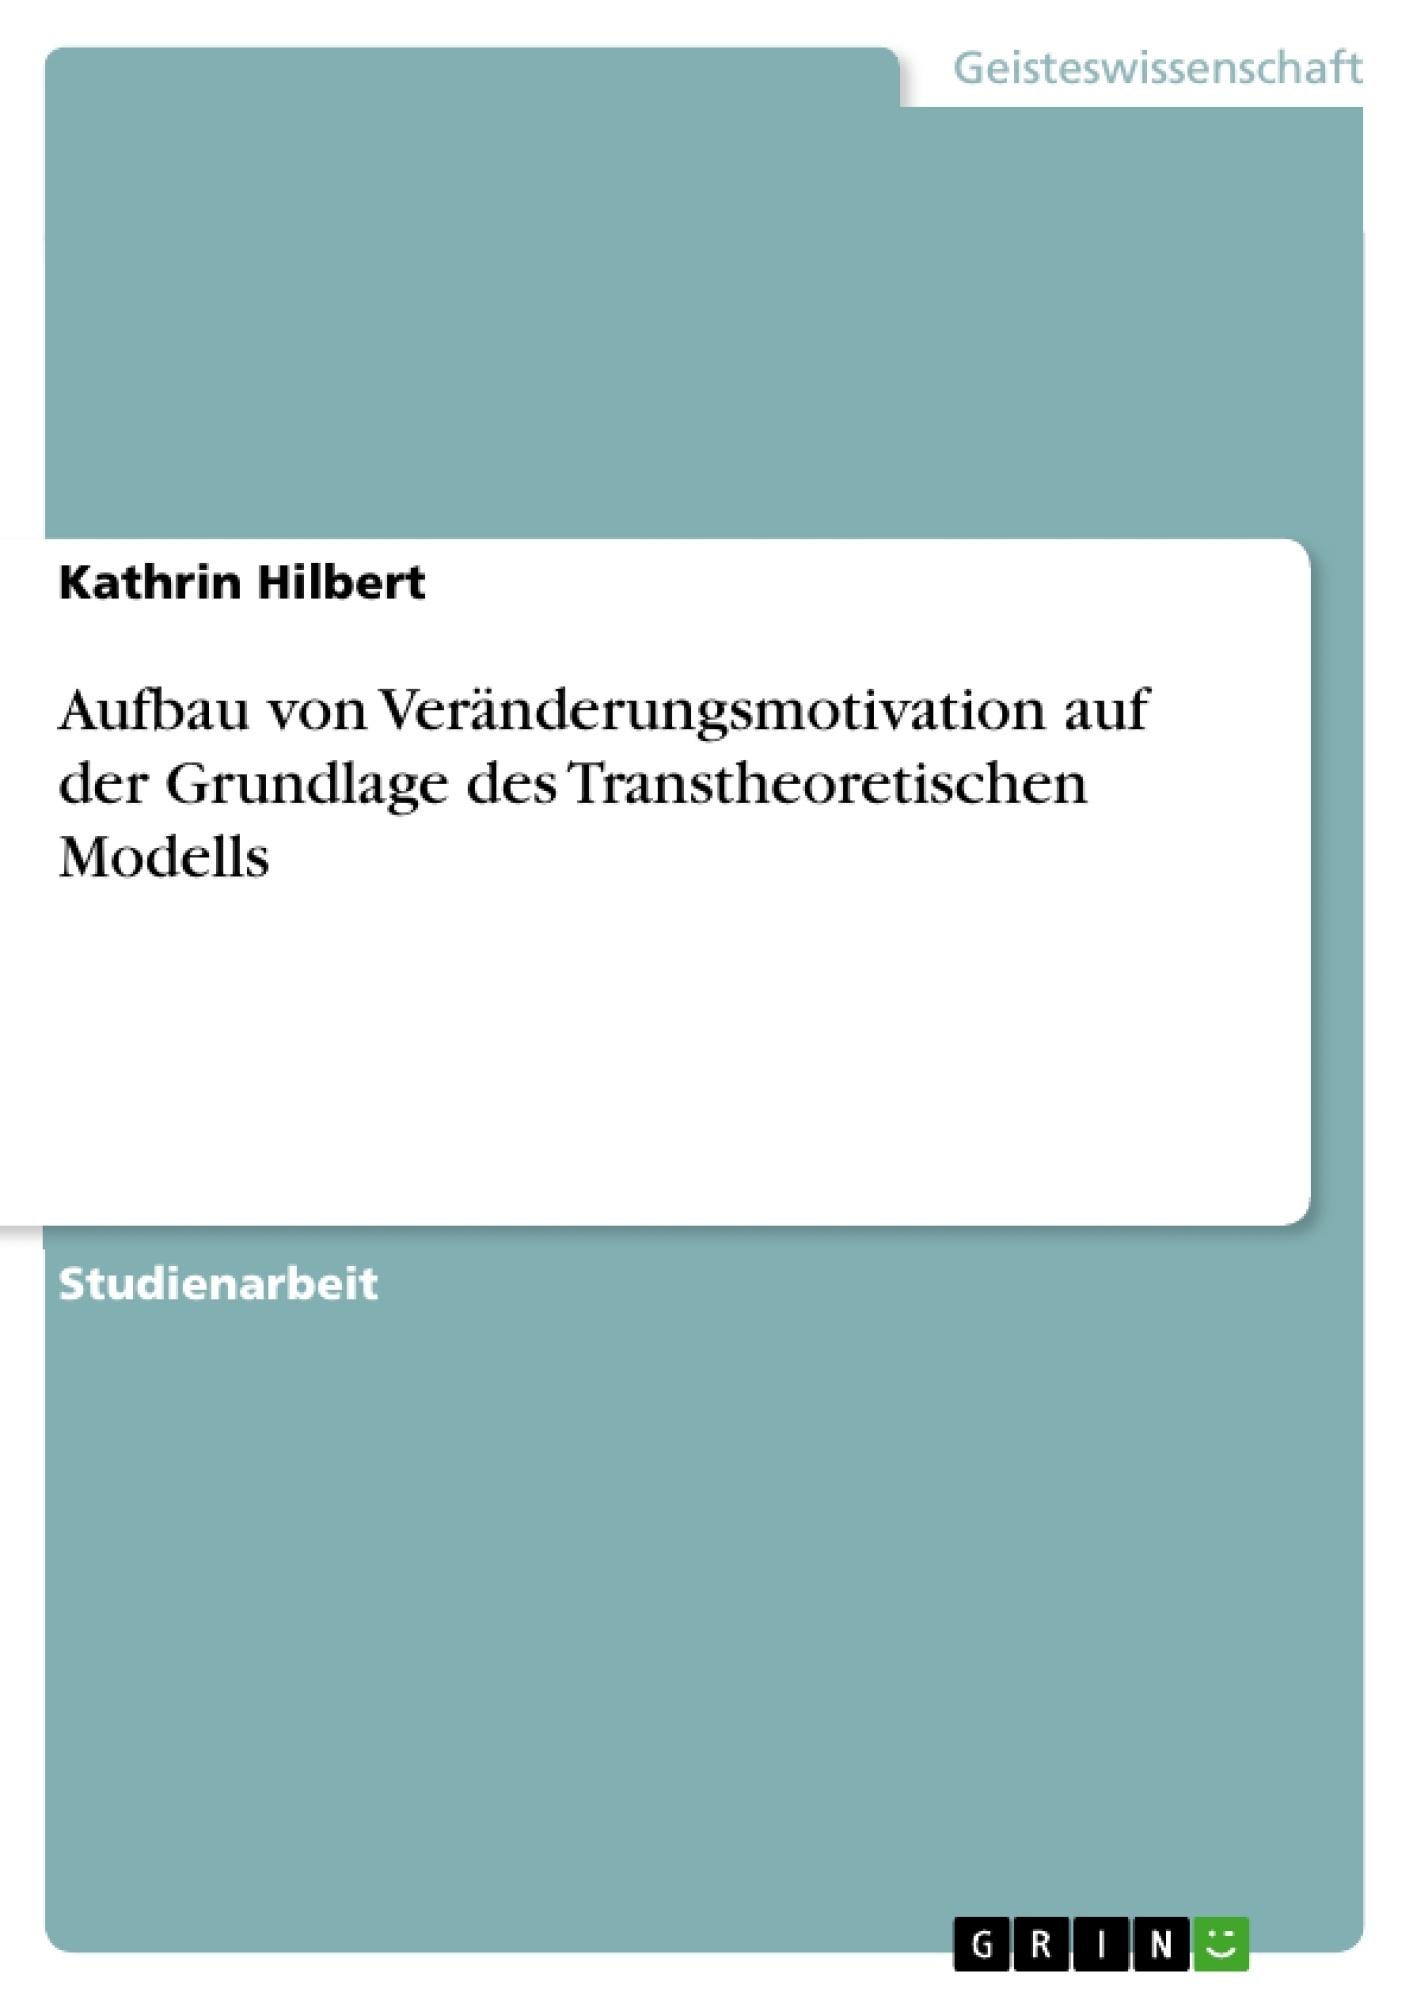 Titel: Aufbau von Veränderungsmotivation auf der Grundlage des Transtheoretischen Modells